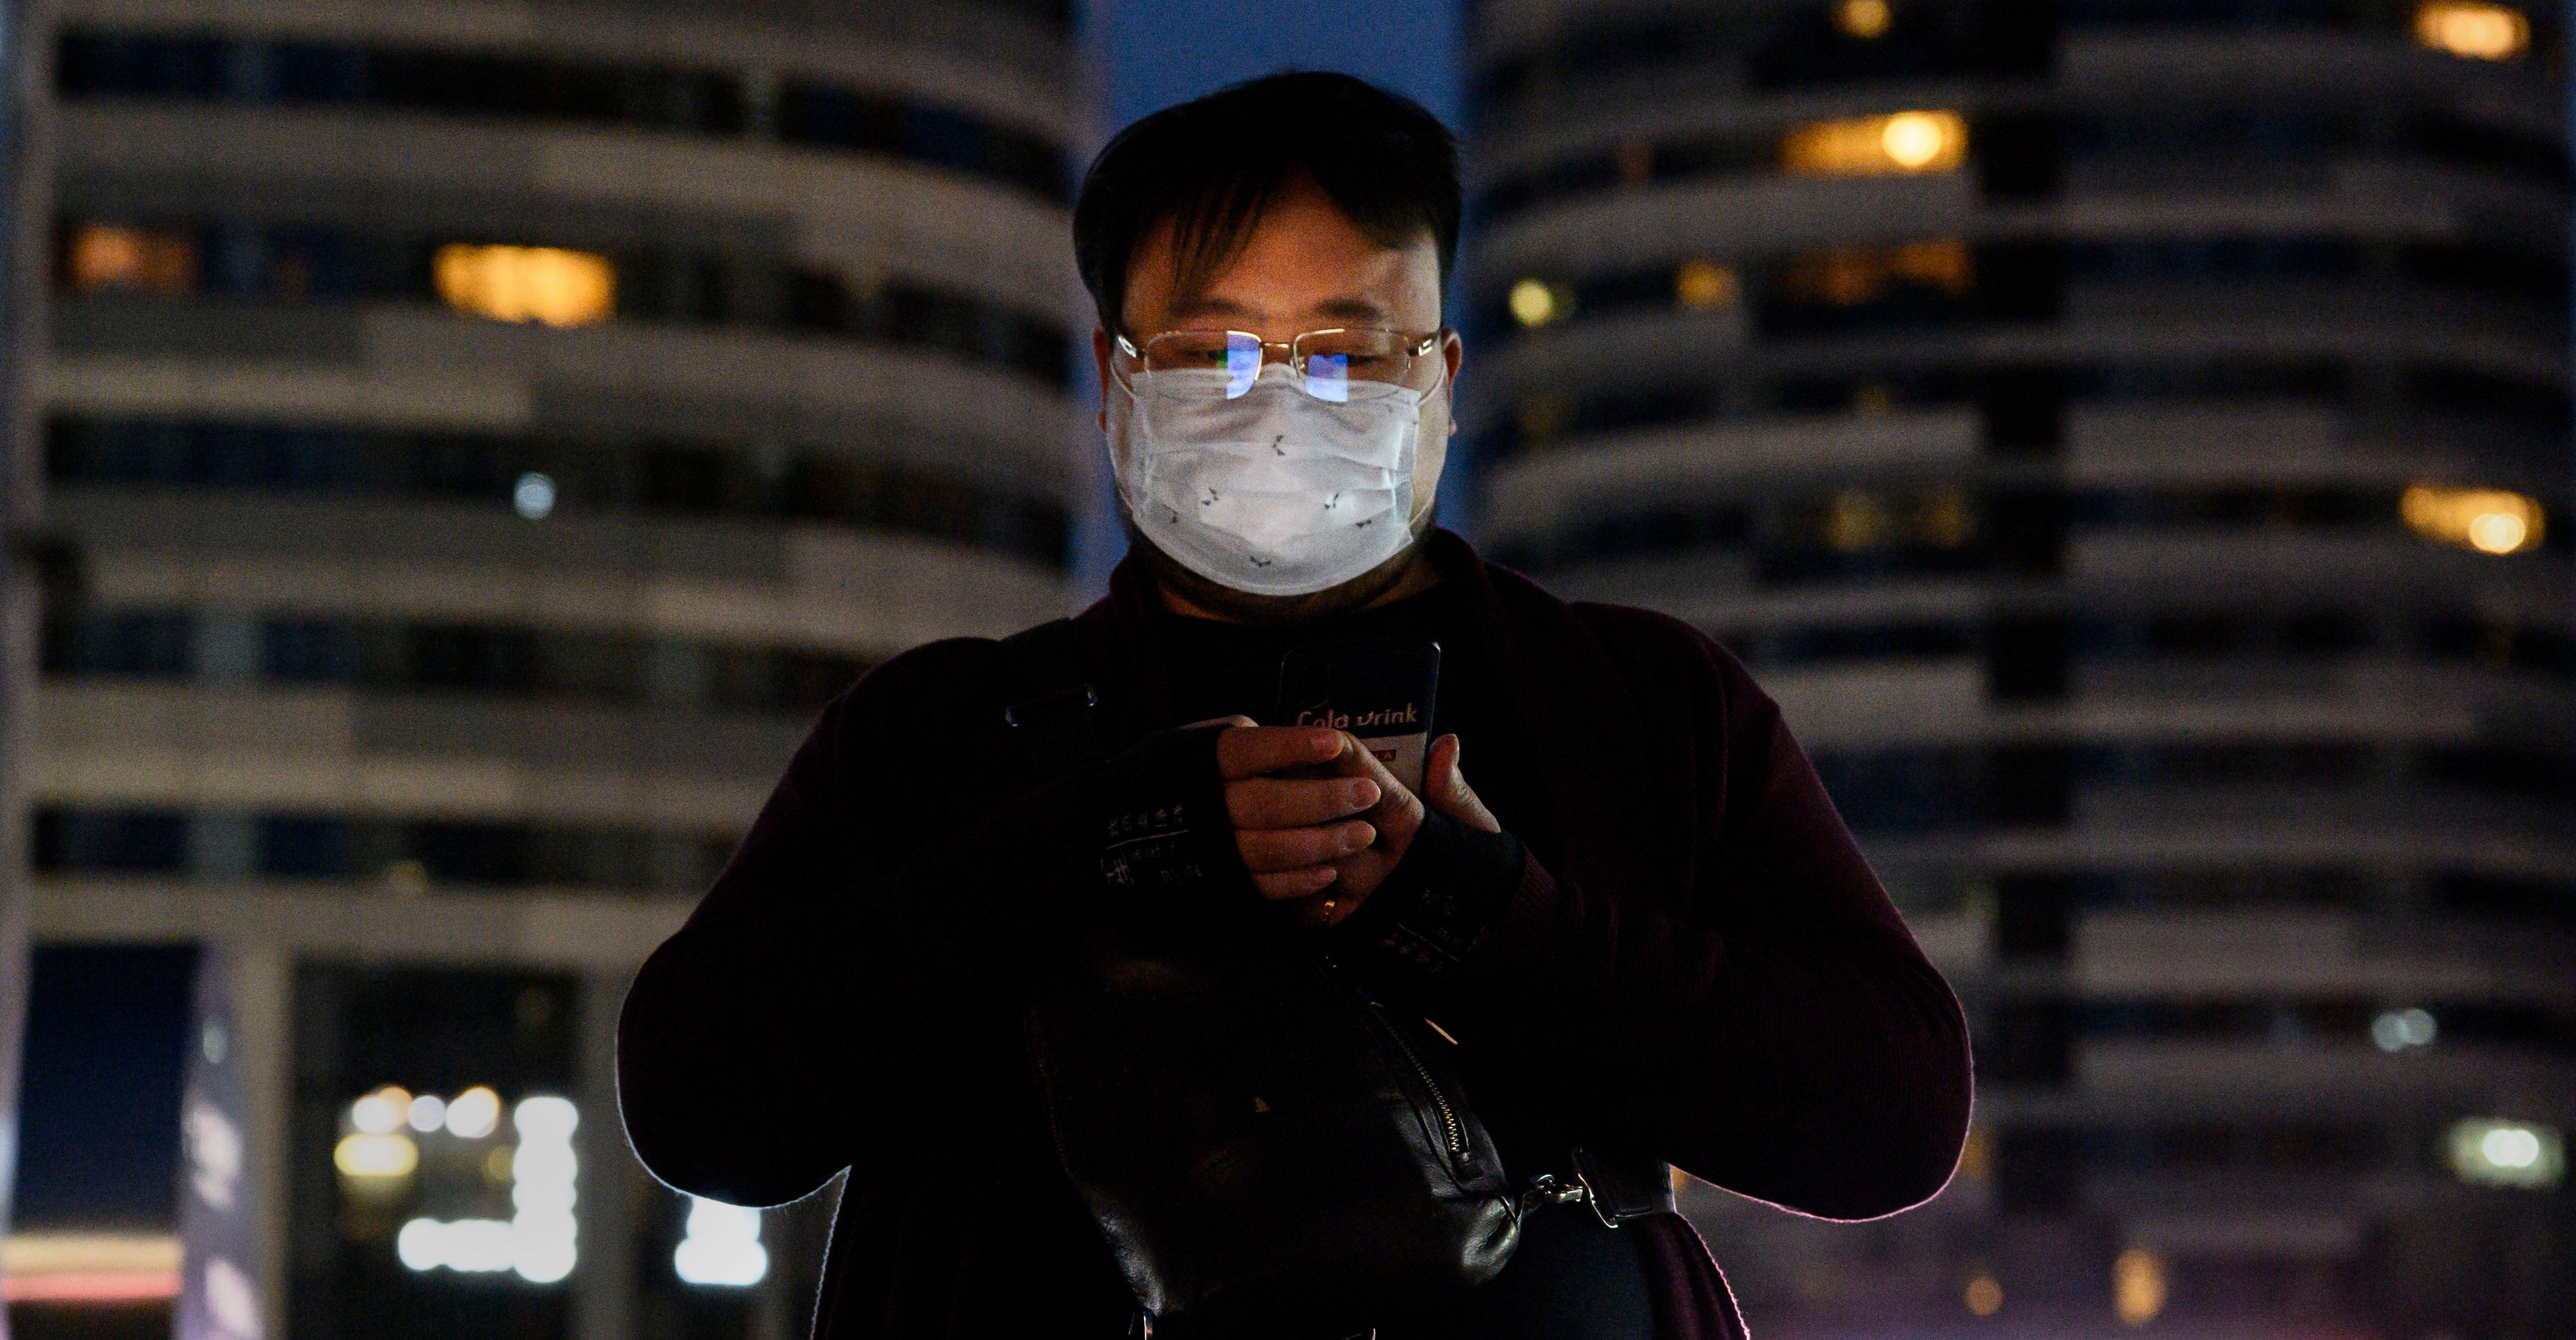 masque nbc virus